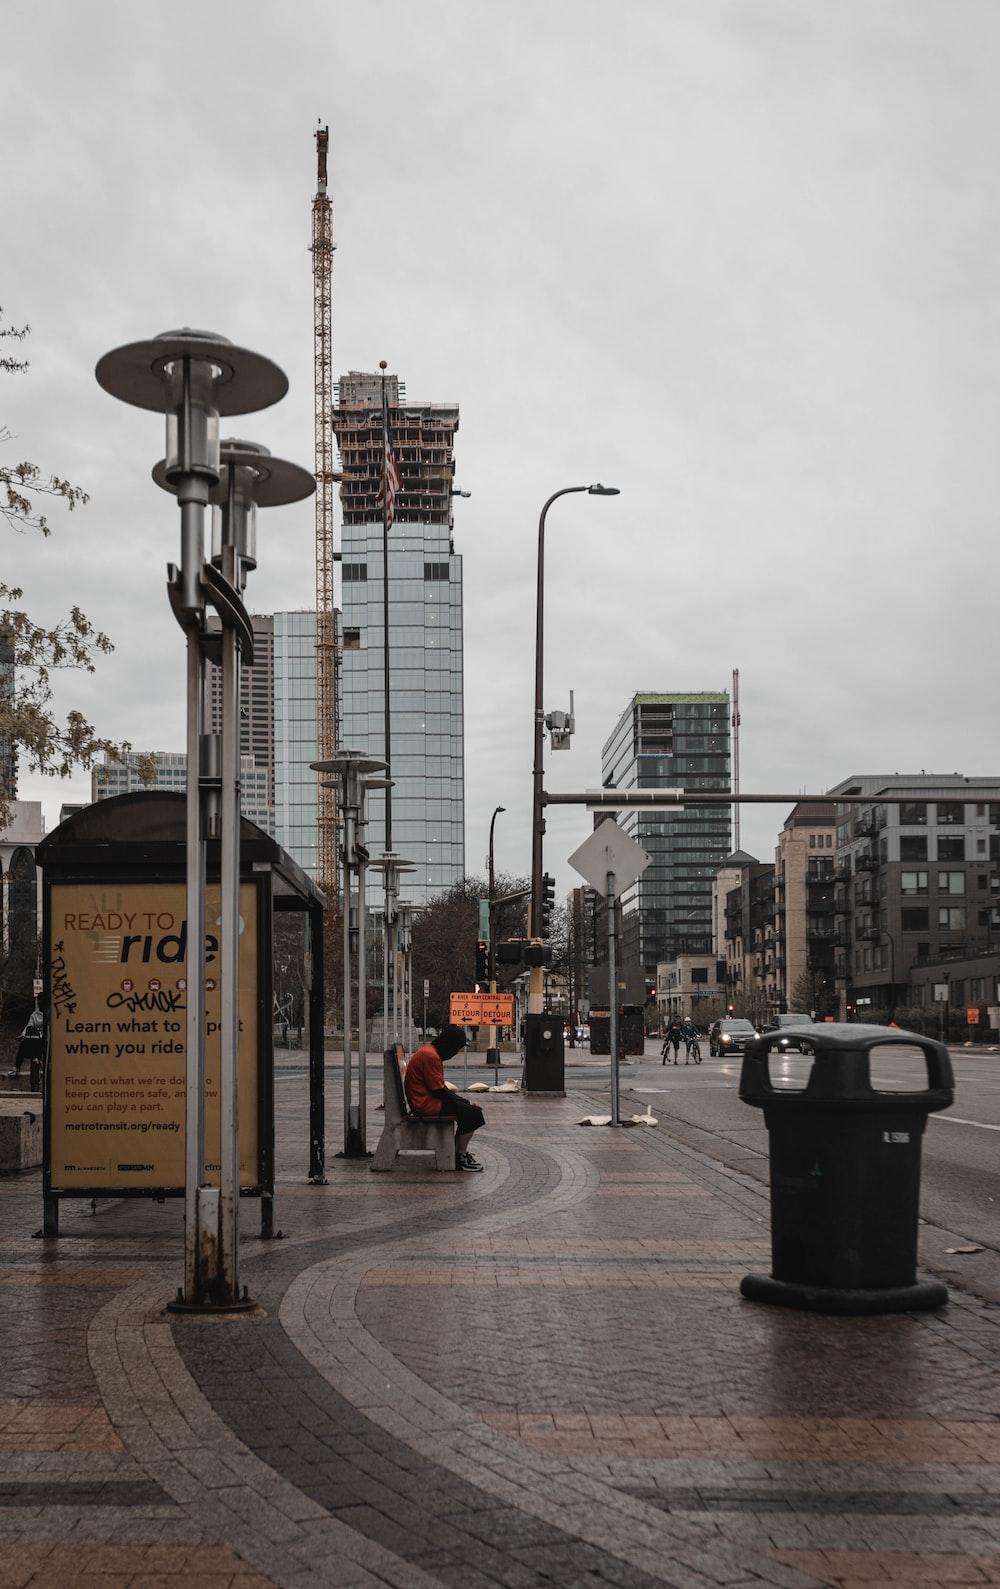 black street light near city buildings during daytime